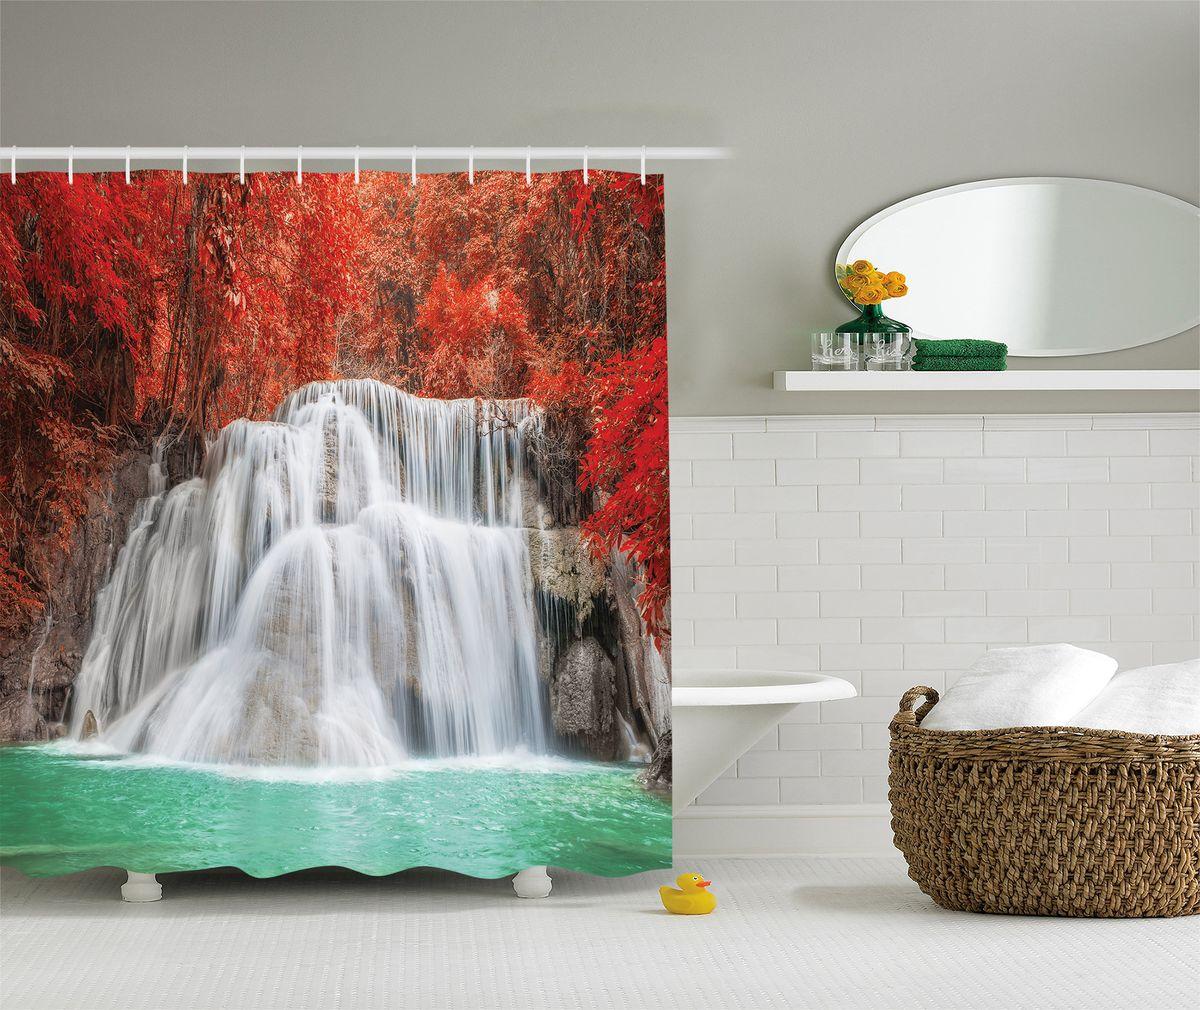 Штора для ванной комнаты Magic Lady Водопад в красном лесу, 180 х 200 см531-401Штора Magic Lady Водопад в красном лесу, изготовленная из высококачественного сатена (полиэстер 100%), отлично дополнит любой интерьер ванной комнаты. При изготовлении используются специальные гипоаллергенные чернила для прямой печати по ткани, безопасные для человека.В комплекте: 1 штора, 12 крючков. Обращаем ваше внимание, фактический цвет изделия может незначительно отличаться от представленного на фото.